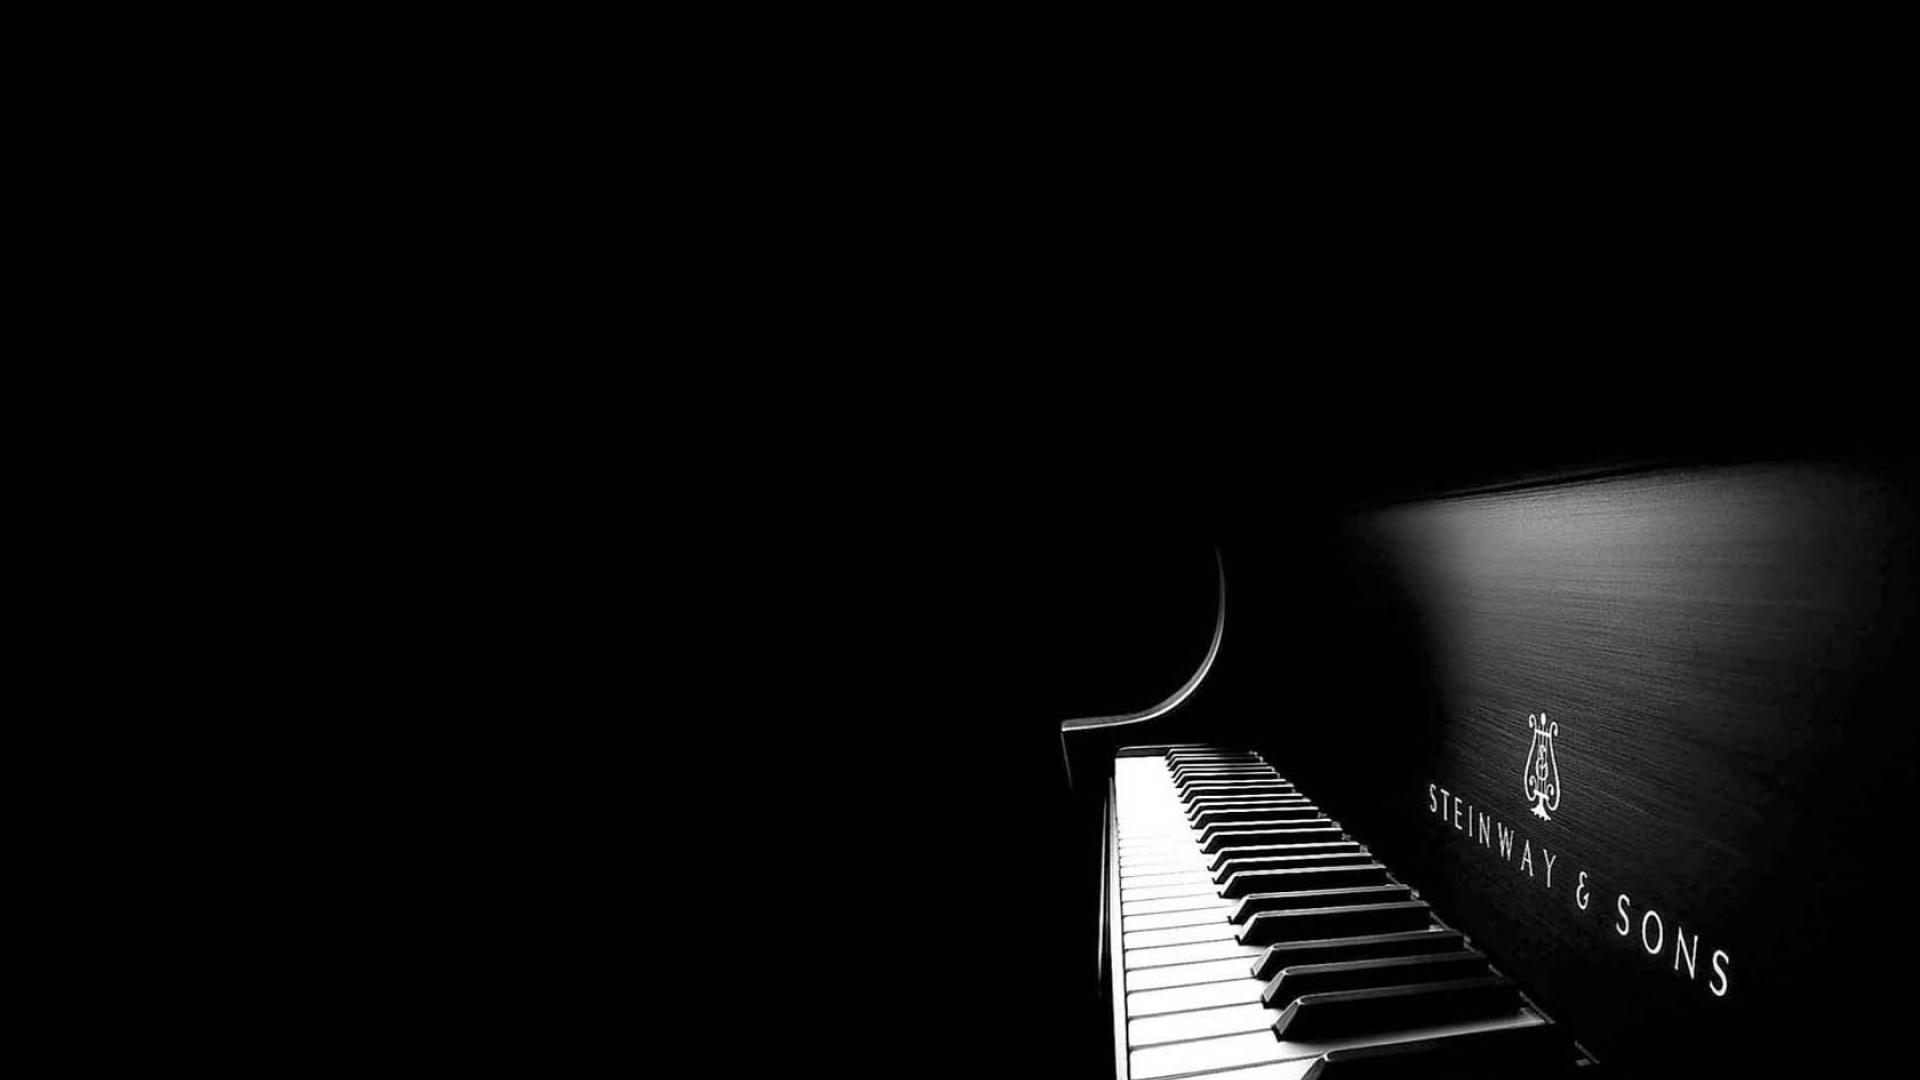 グランドピアノ黒背景 上品な壁紙 1366x768 Wallpapertip